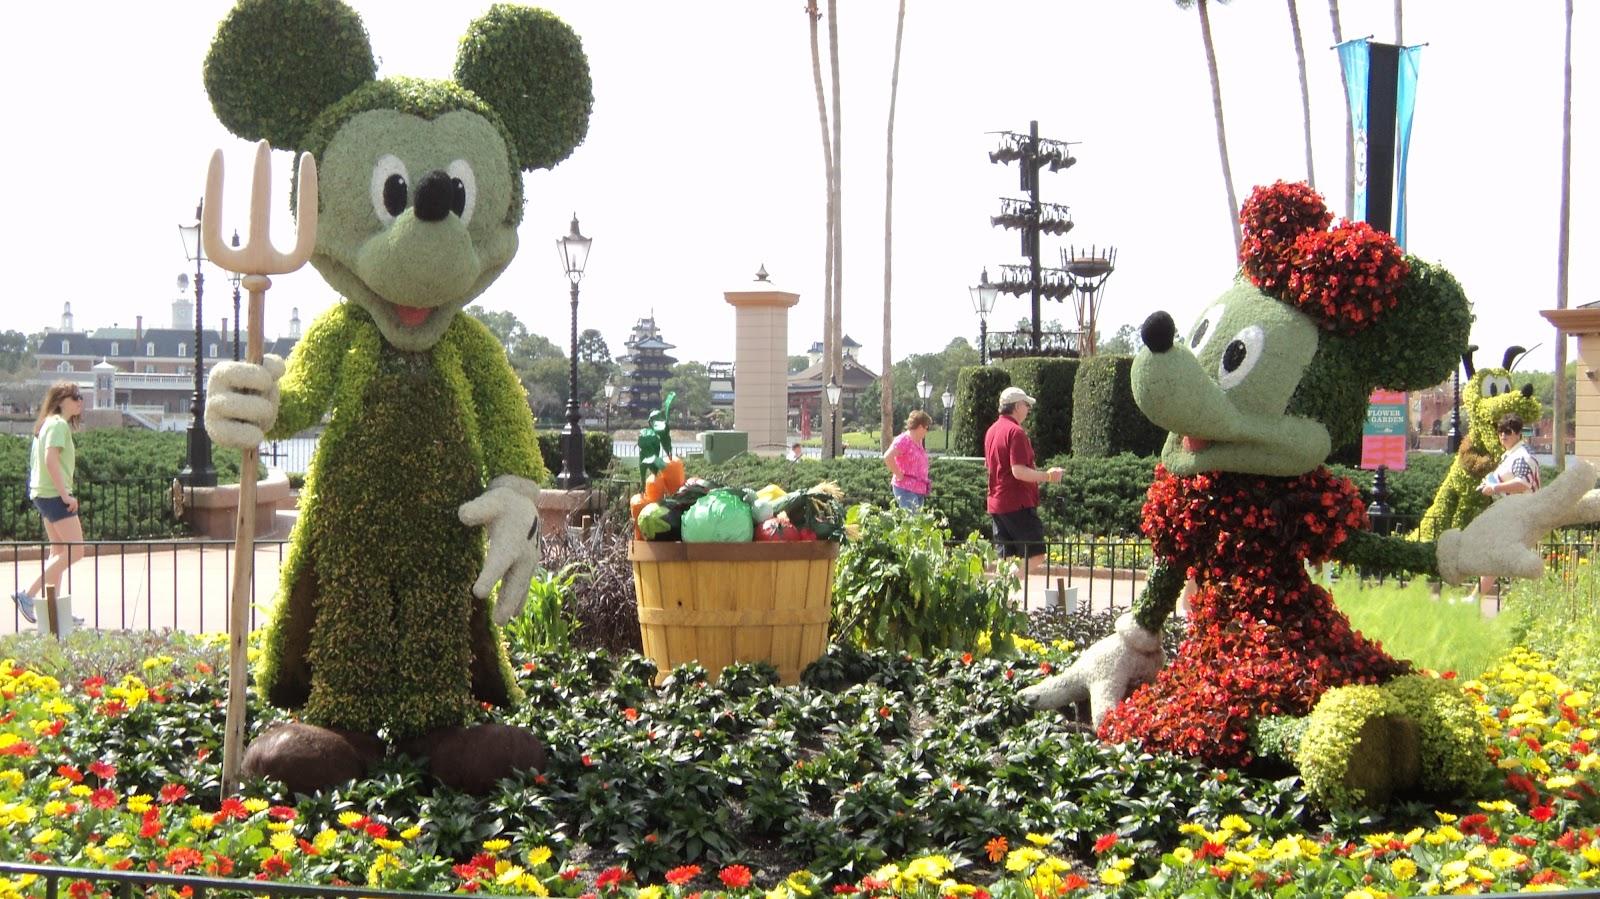 Orlando Theme Parks Blog